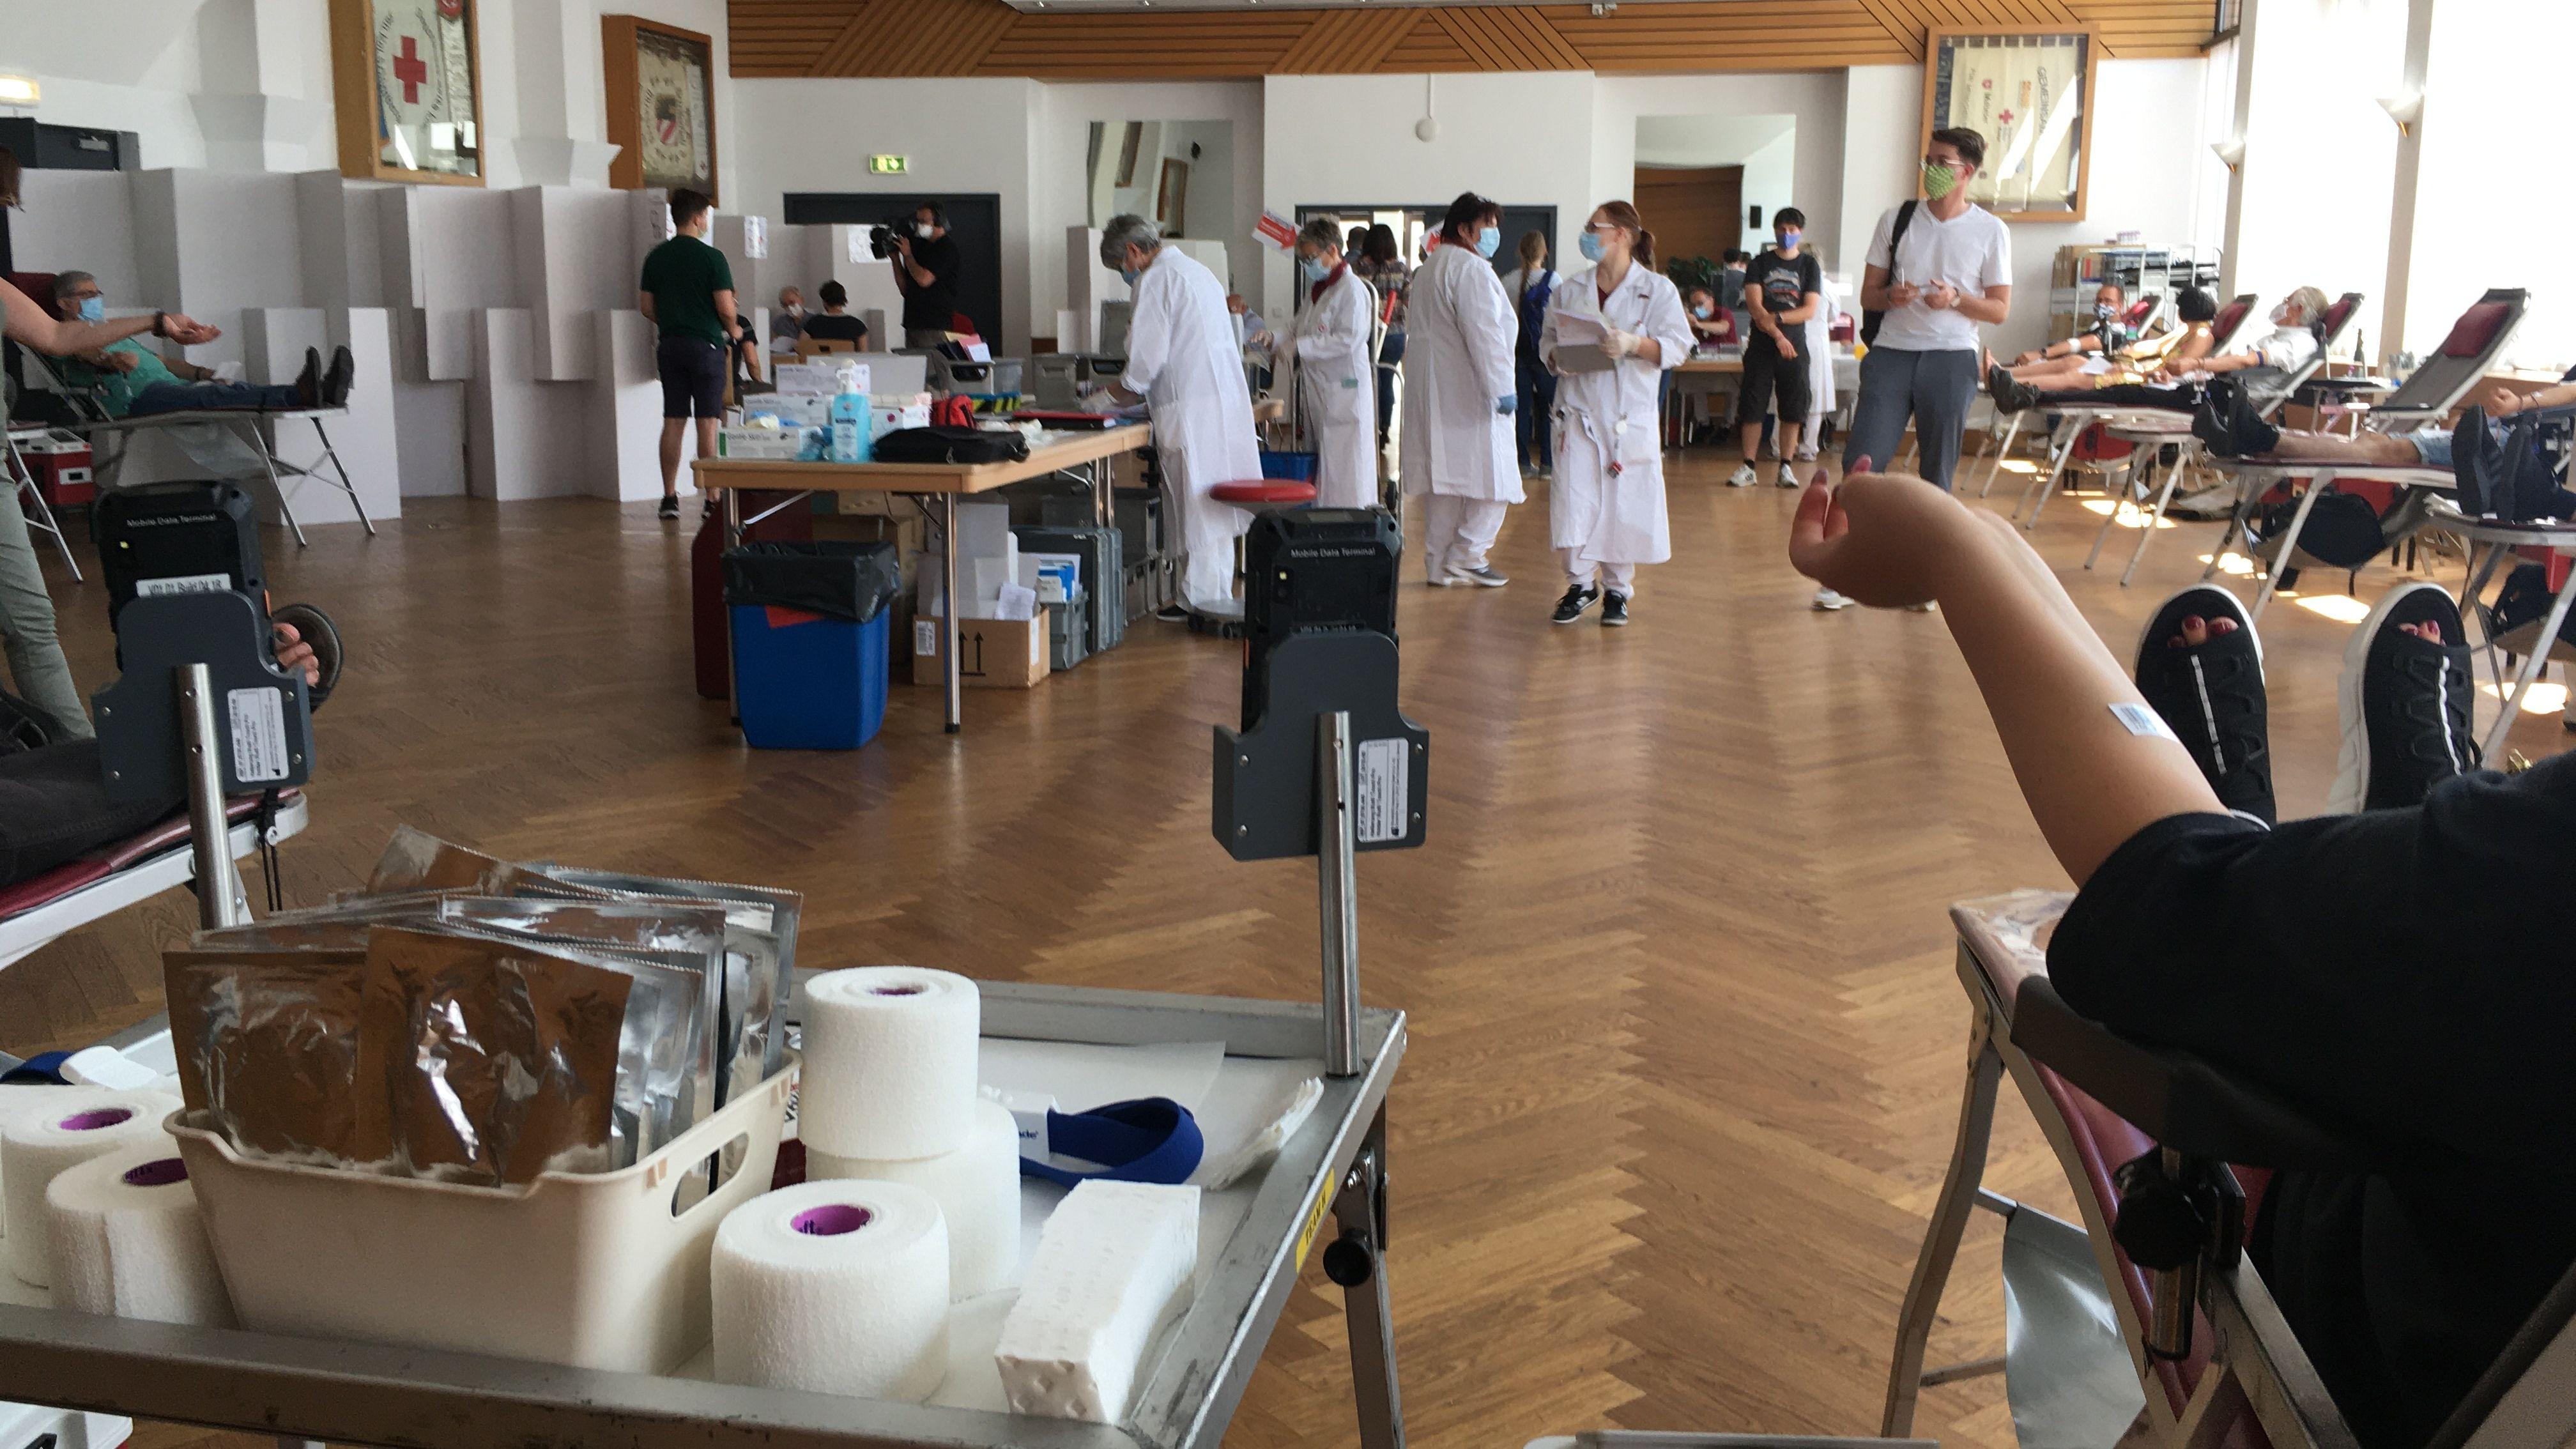 Viele Personen beim Blutspenden in einem großen Saal